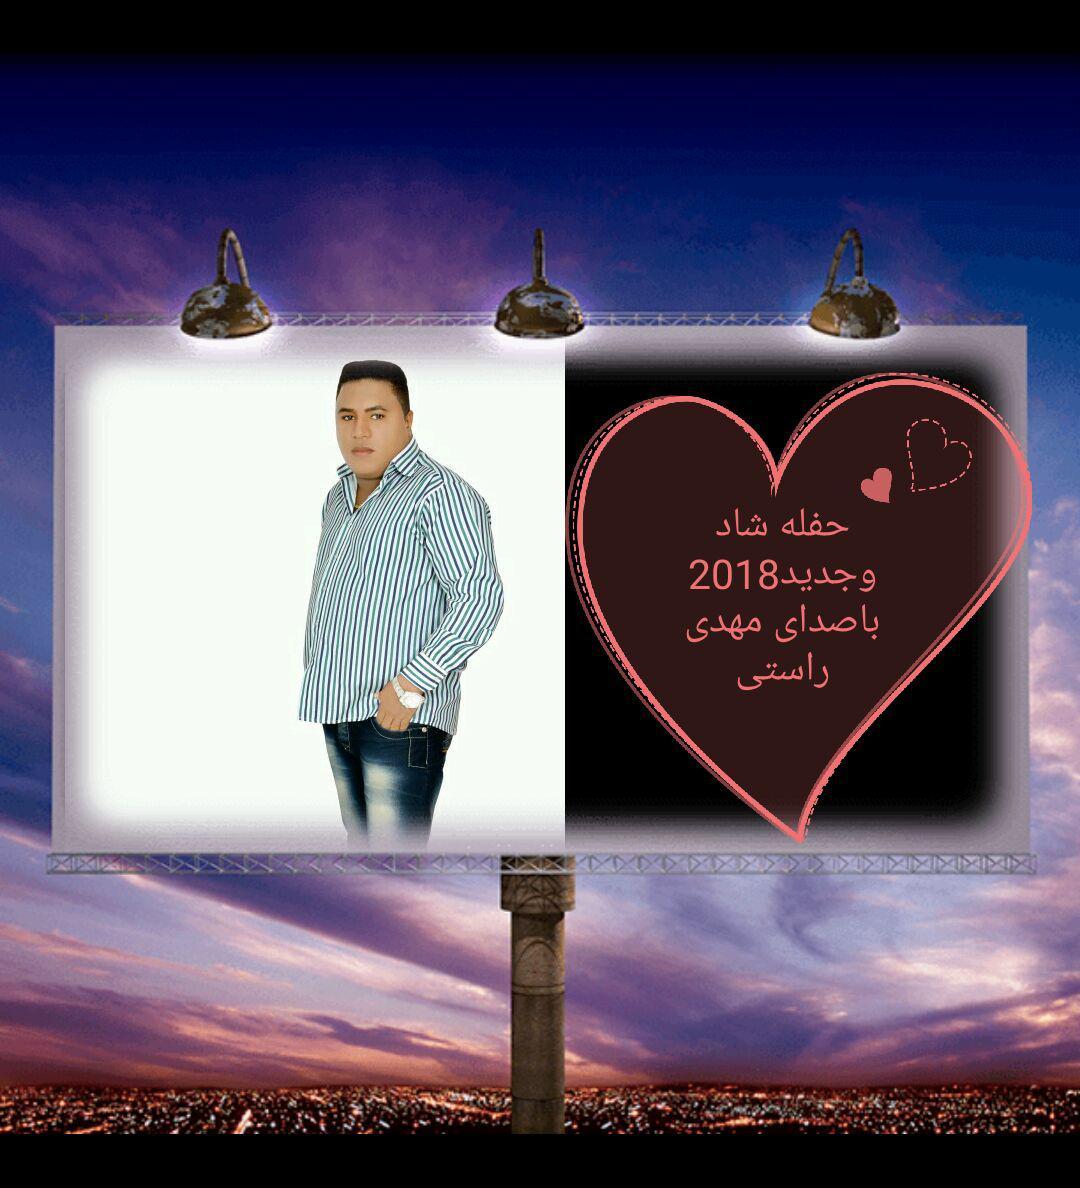 مهدی راستی آهنگ جدید اجرای زنده و بسیار زیبا و شنیدنی بصورت حفله